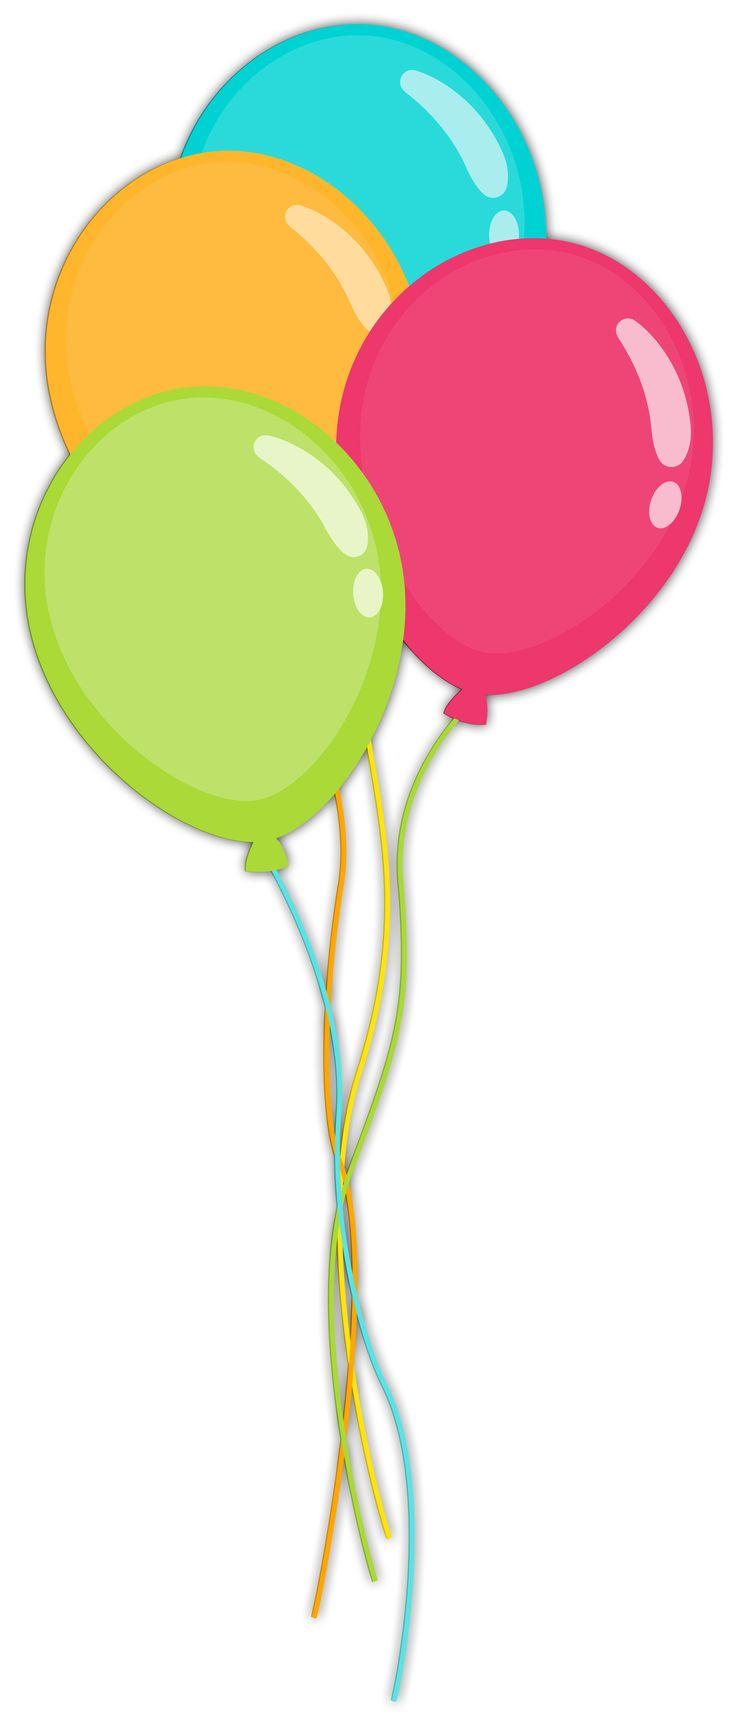 Ballons Clipart